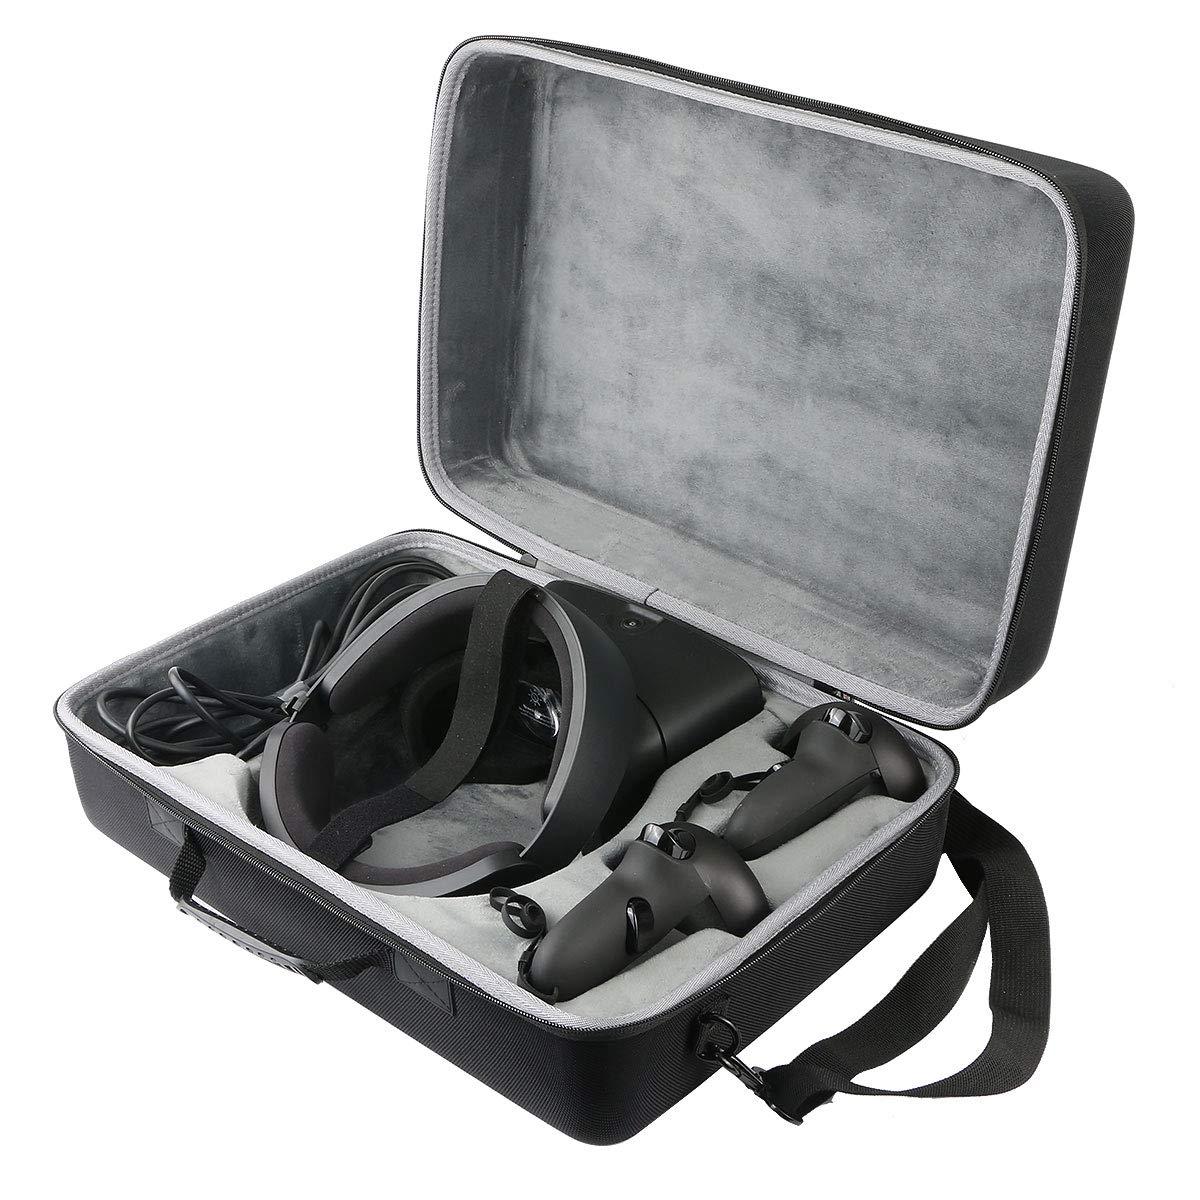 co2CREA Voyage Stockage Porter Étui Housse case pour Casque de réalité virtuelle Oculus Rift S